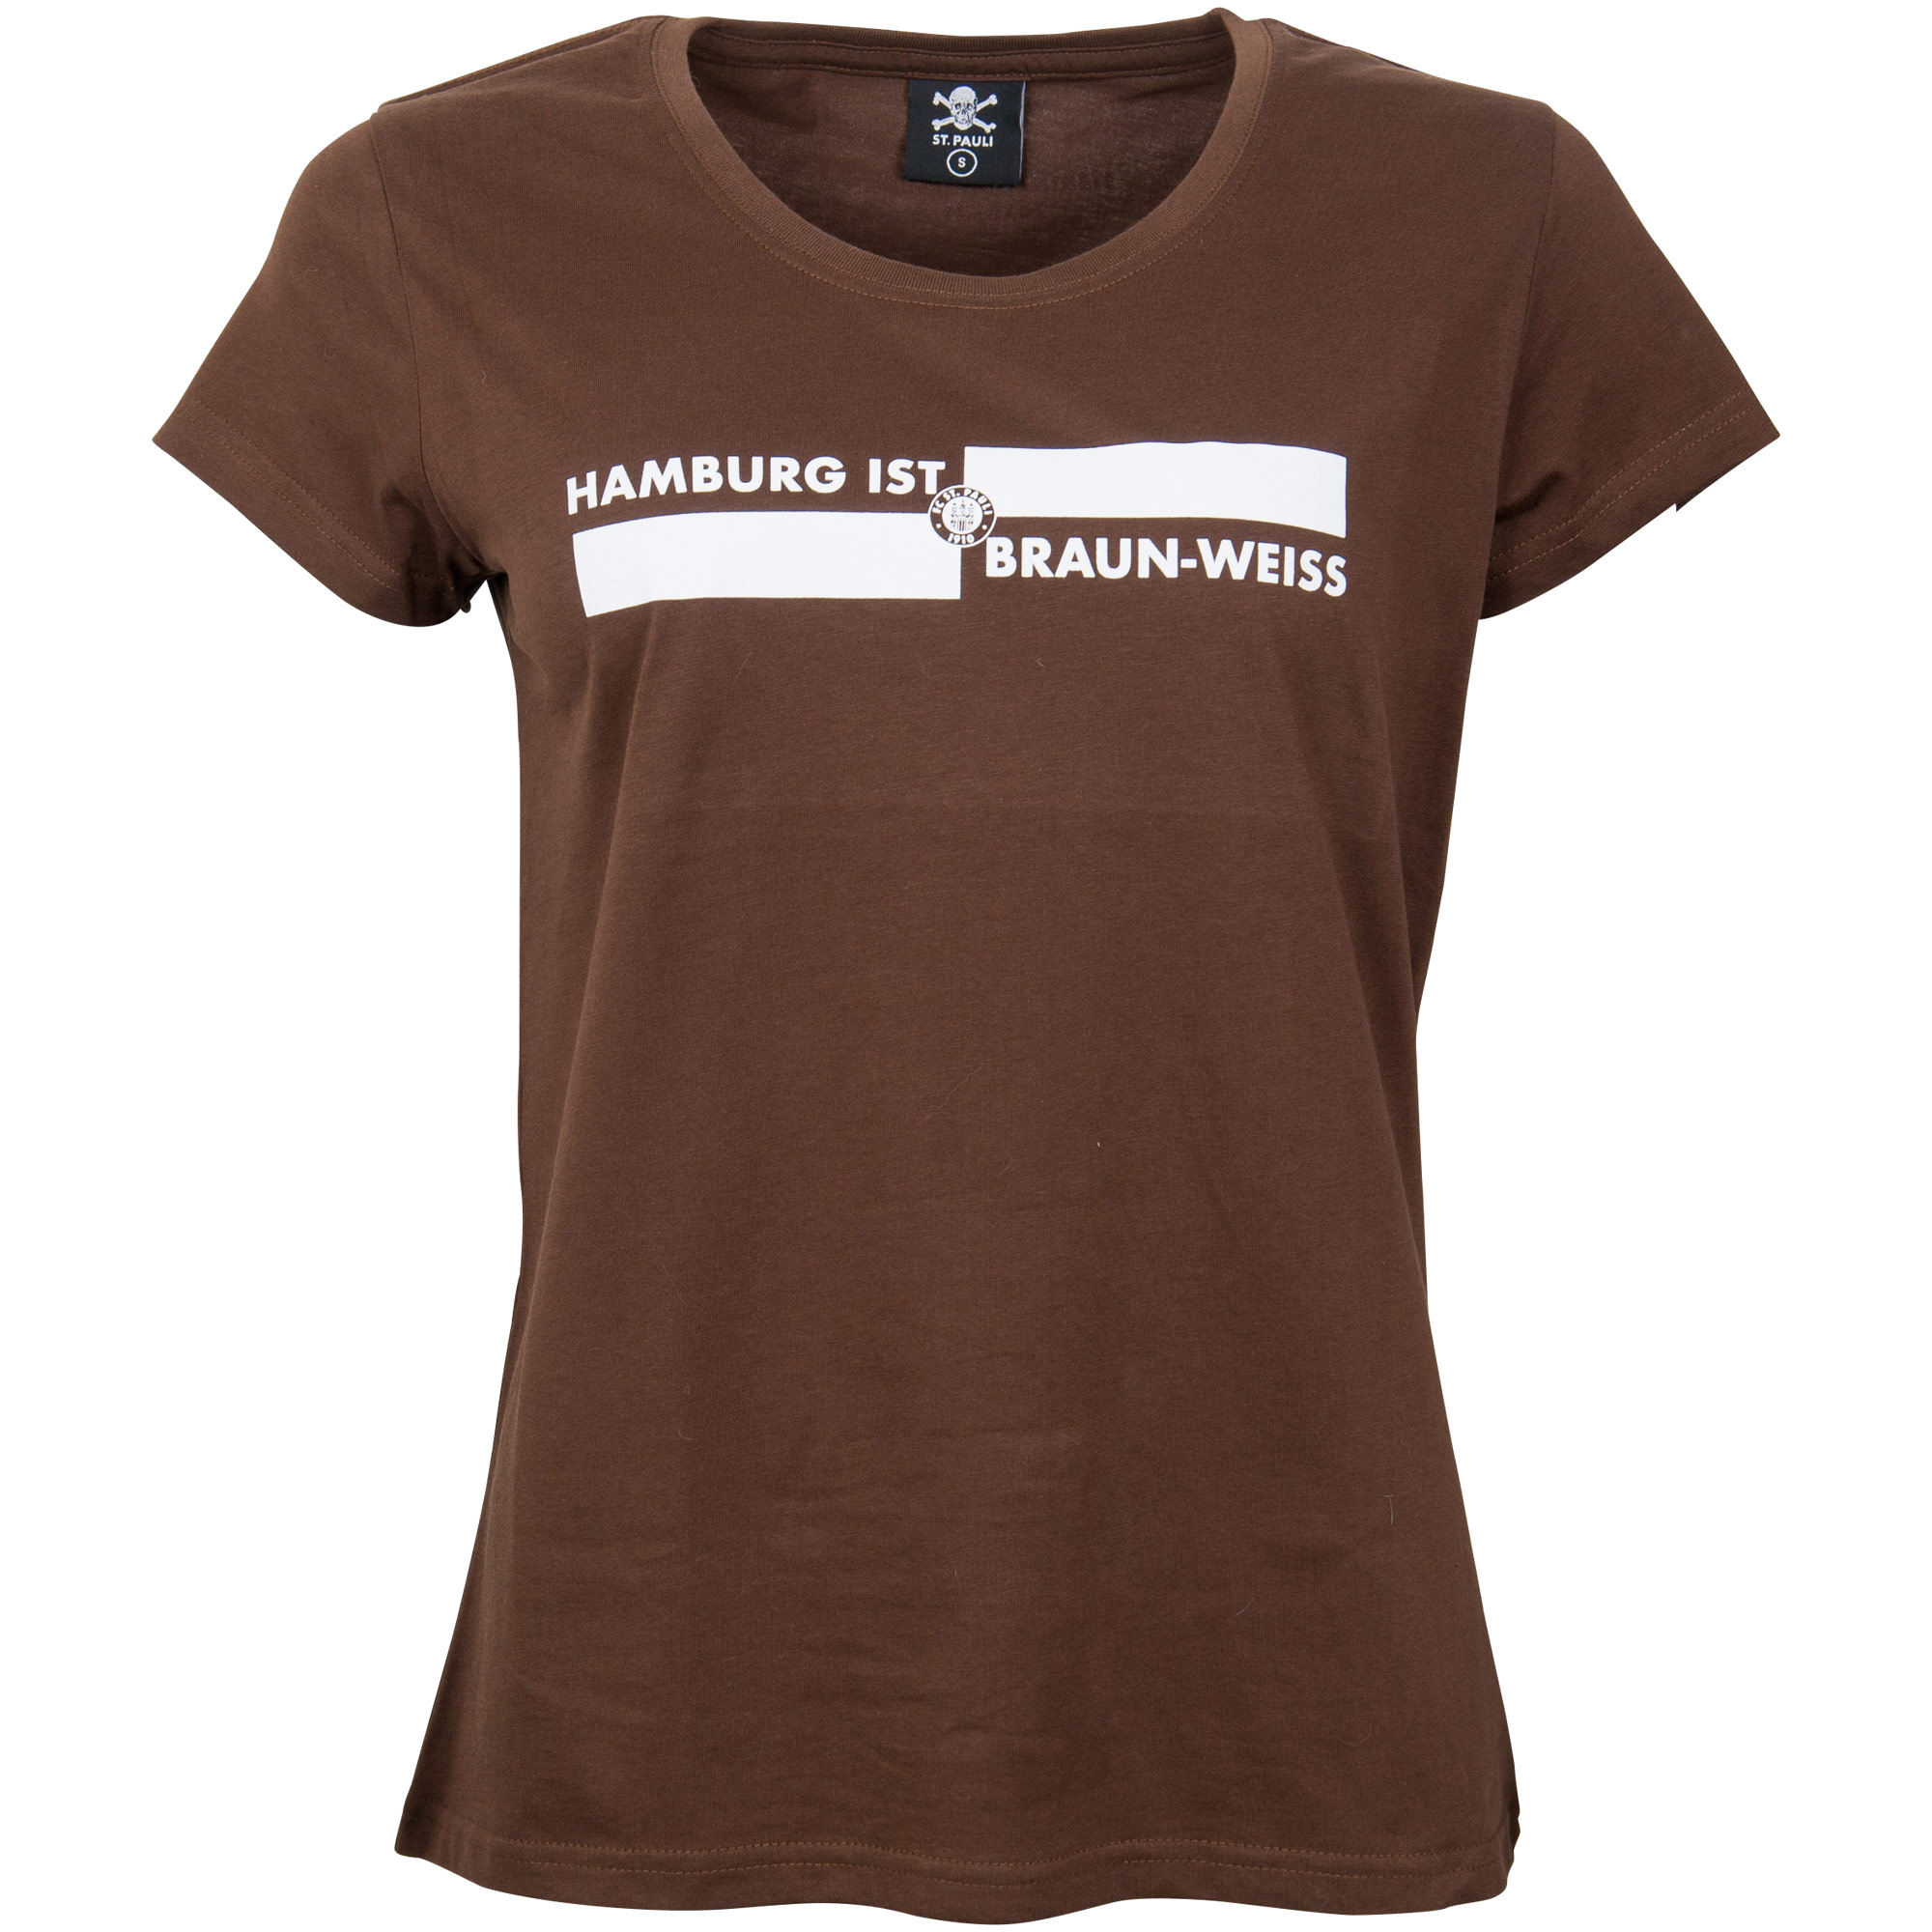 FC St. Pauli - Damen T-Shirt Hamburg ist Braun-Weiss